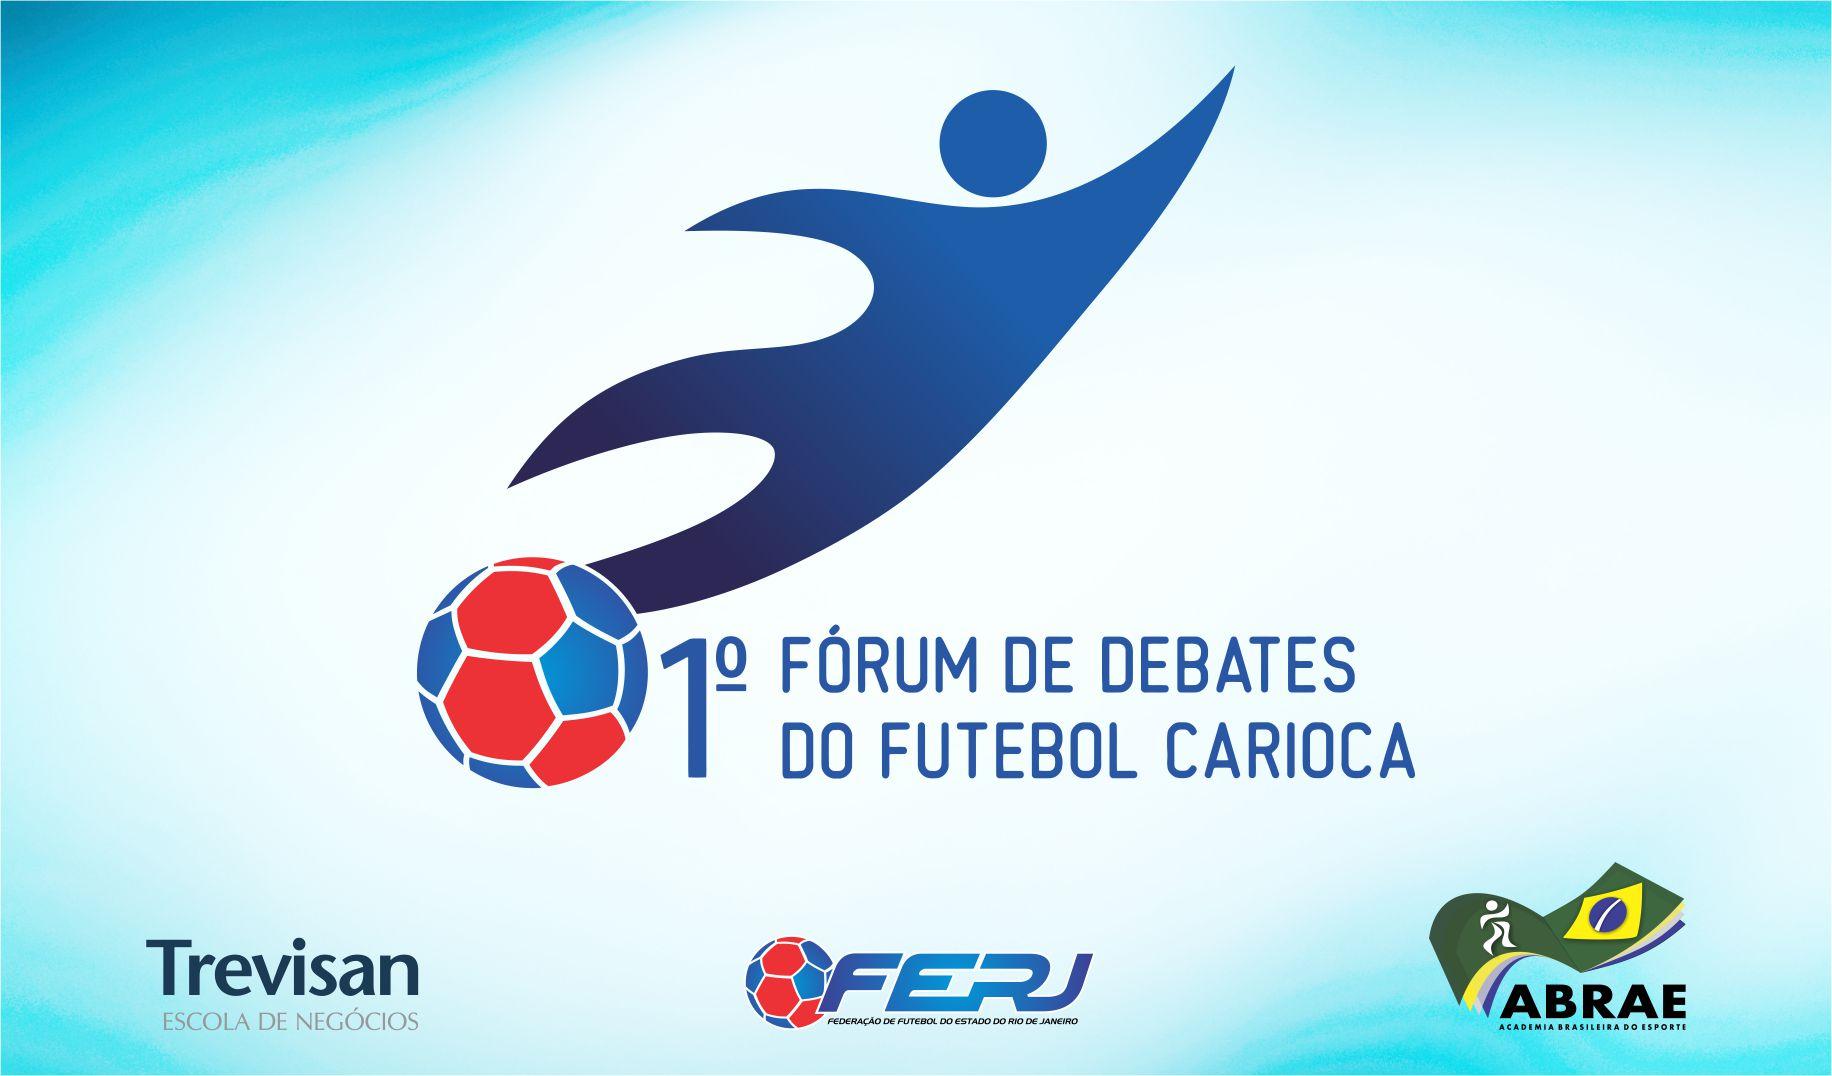 Fórum de debates do Futebol Carioca